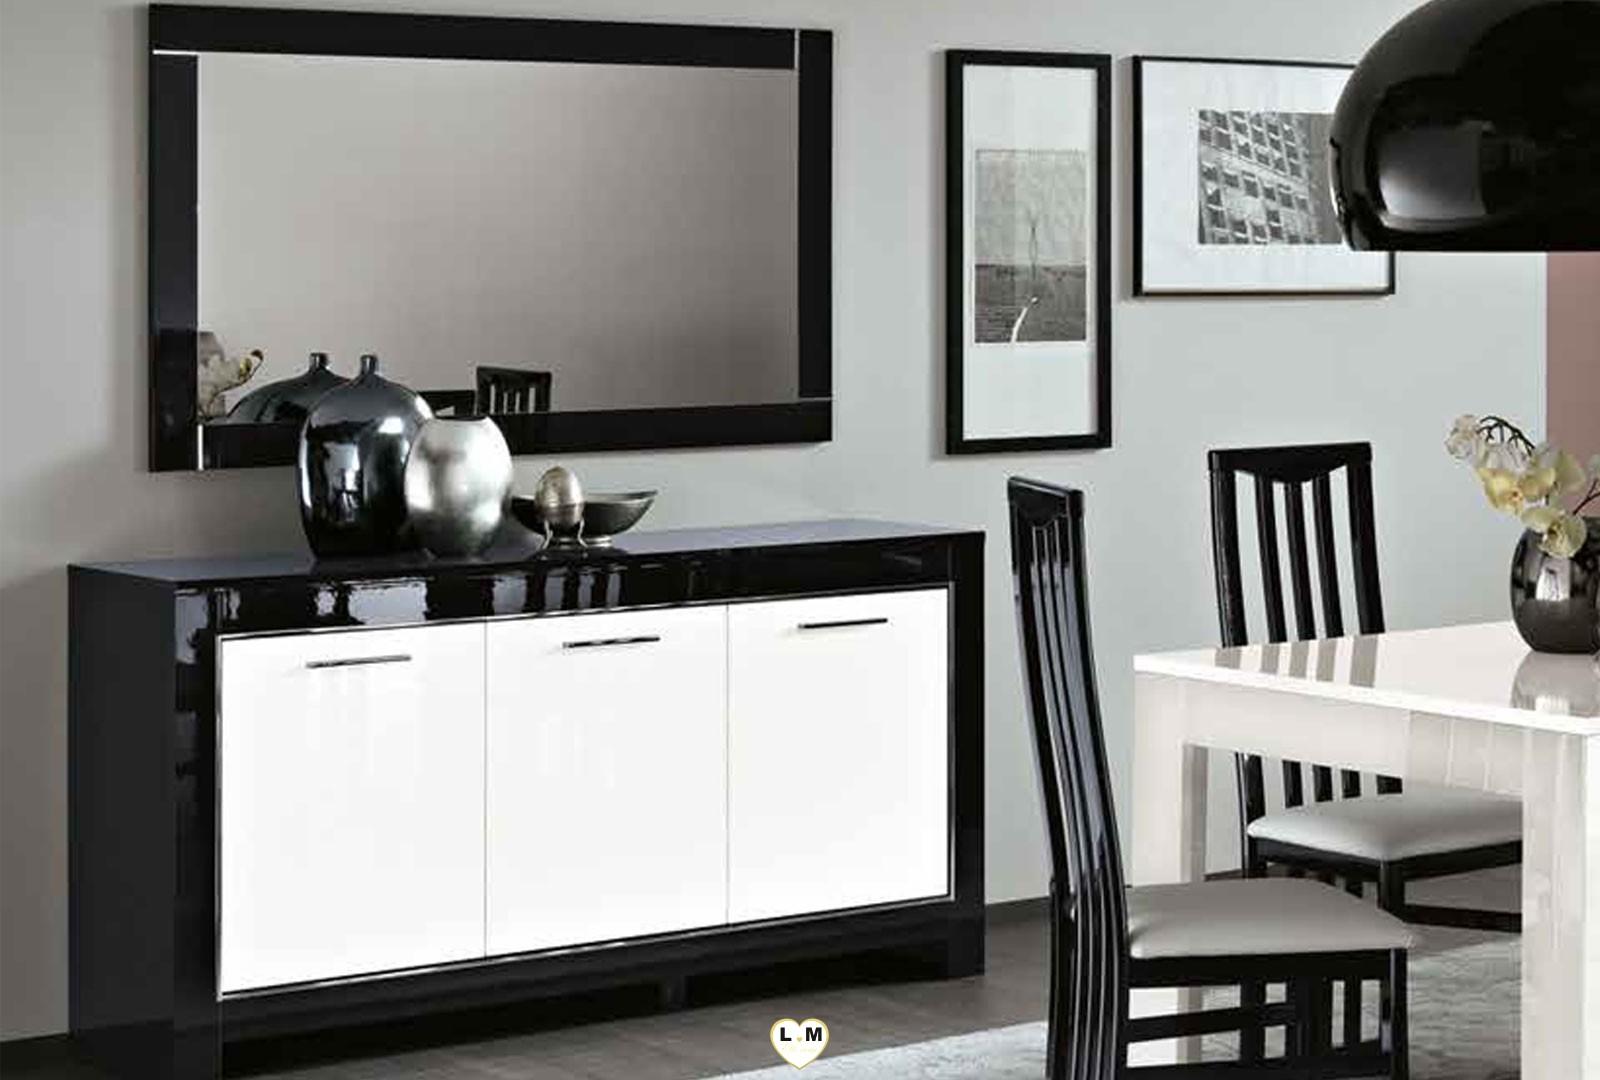 Marina laque noir et blanc ensemble sejour salle a manger - Salle a manger noir et blanc laque ...